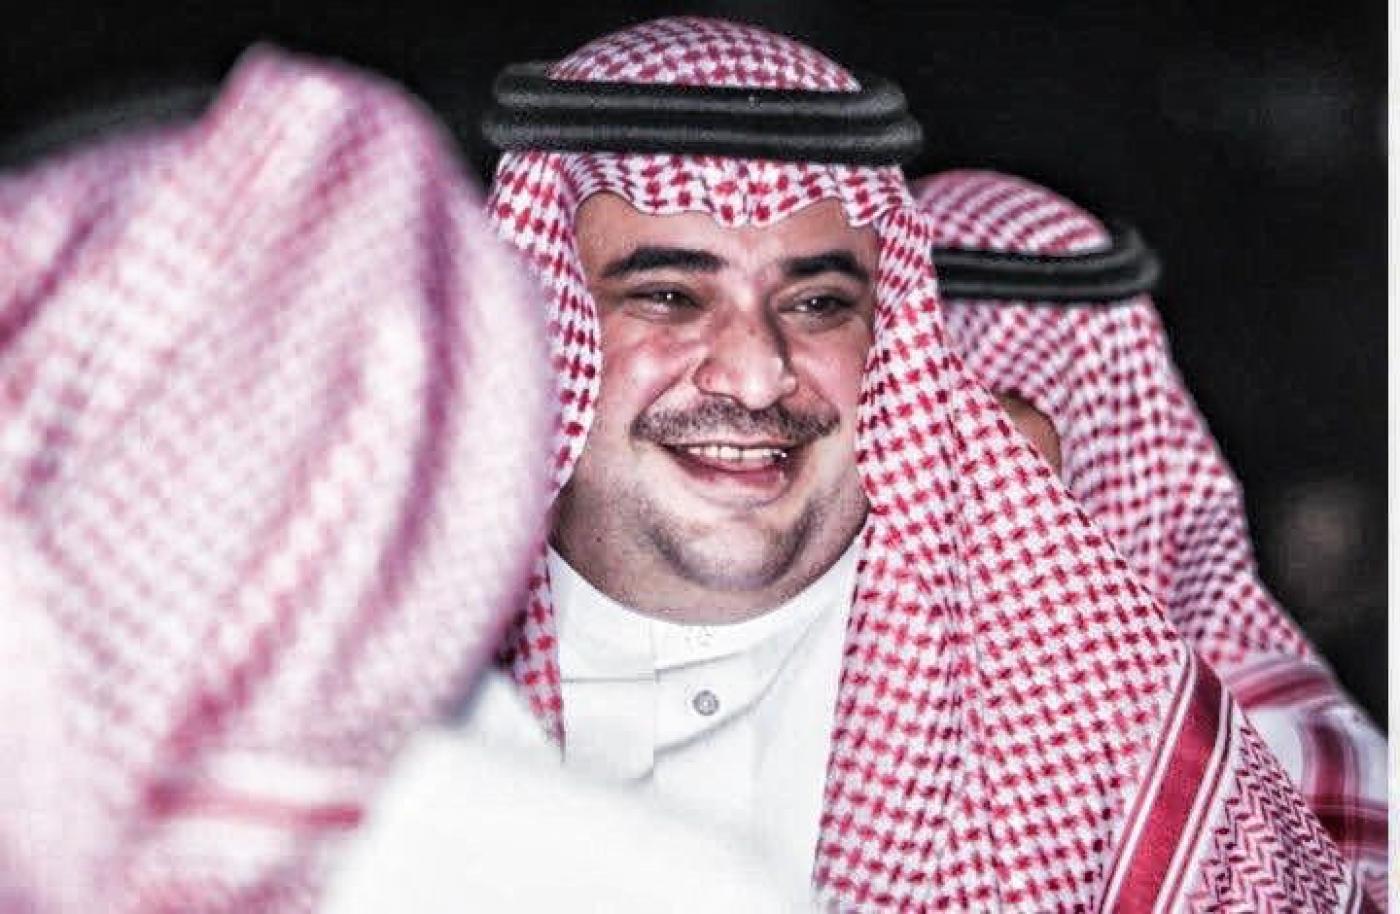 سعود القحطاني اختفى عن الأنظار في أعقاب جريمة قتل جمال خاشقجي